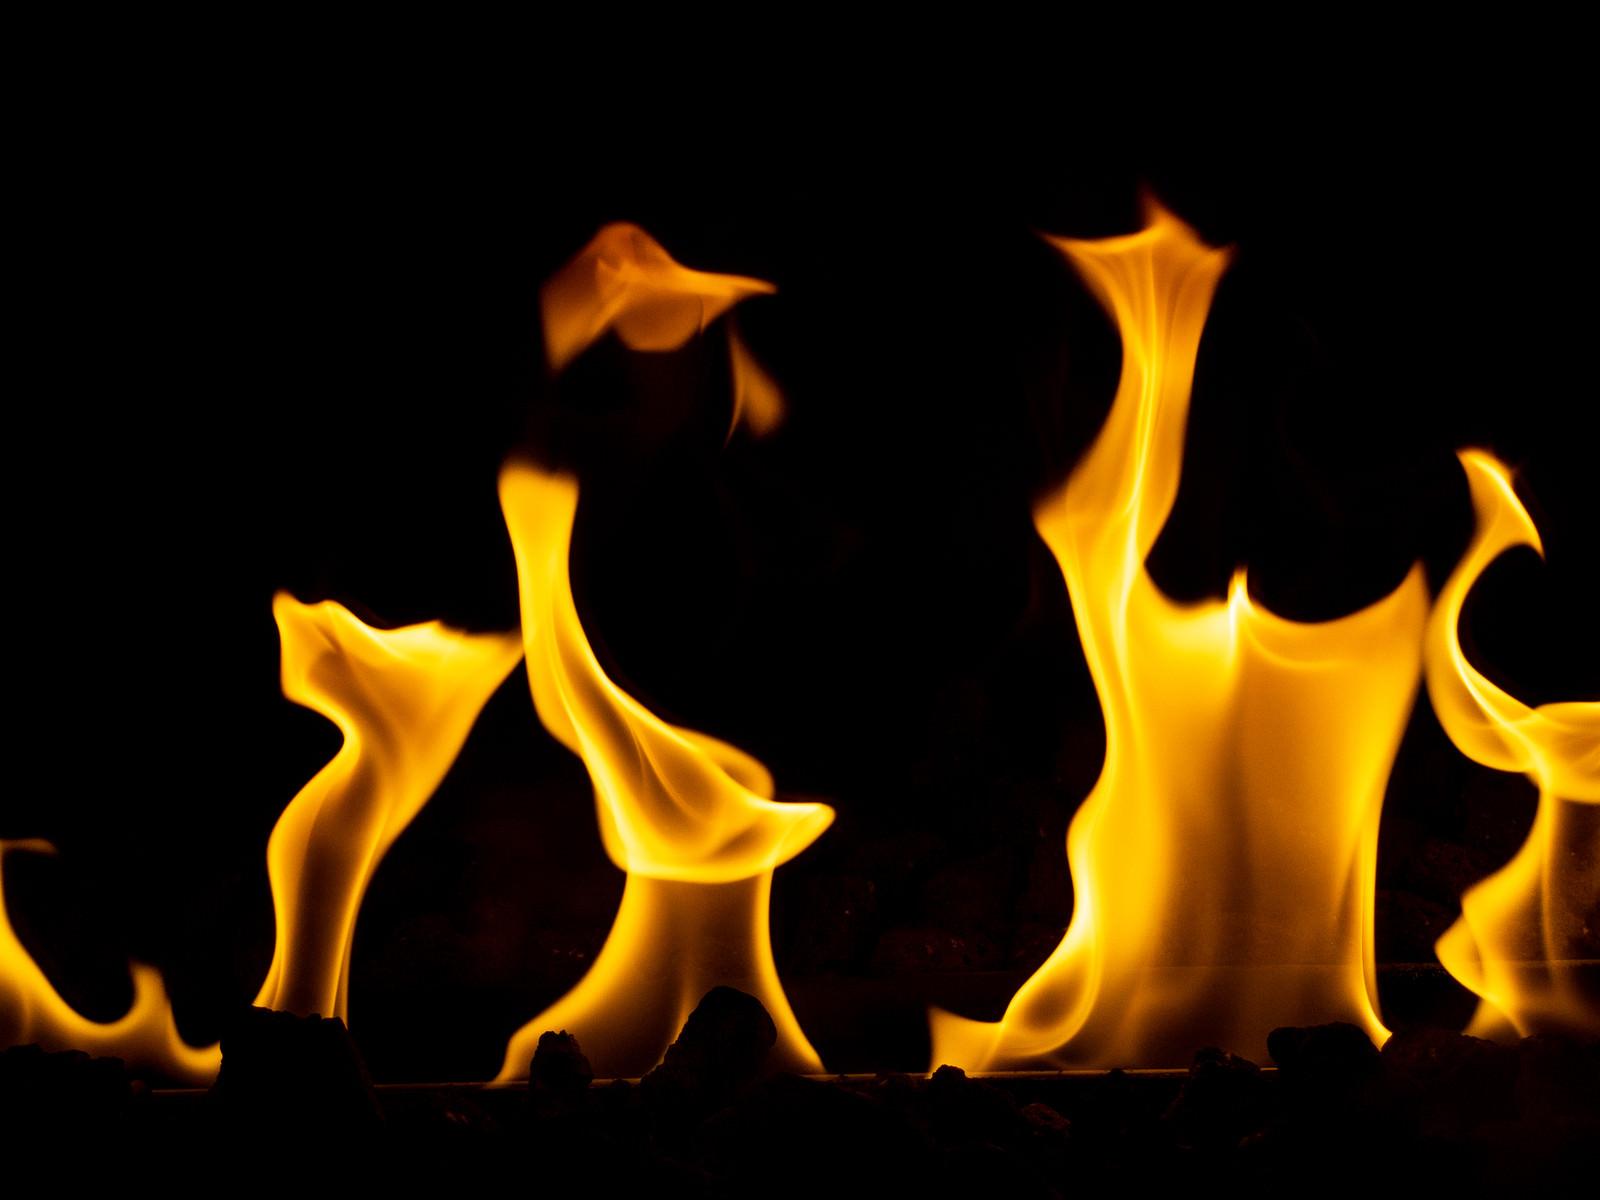 「ゆらゆら燃える炎」の写真